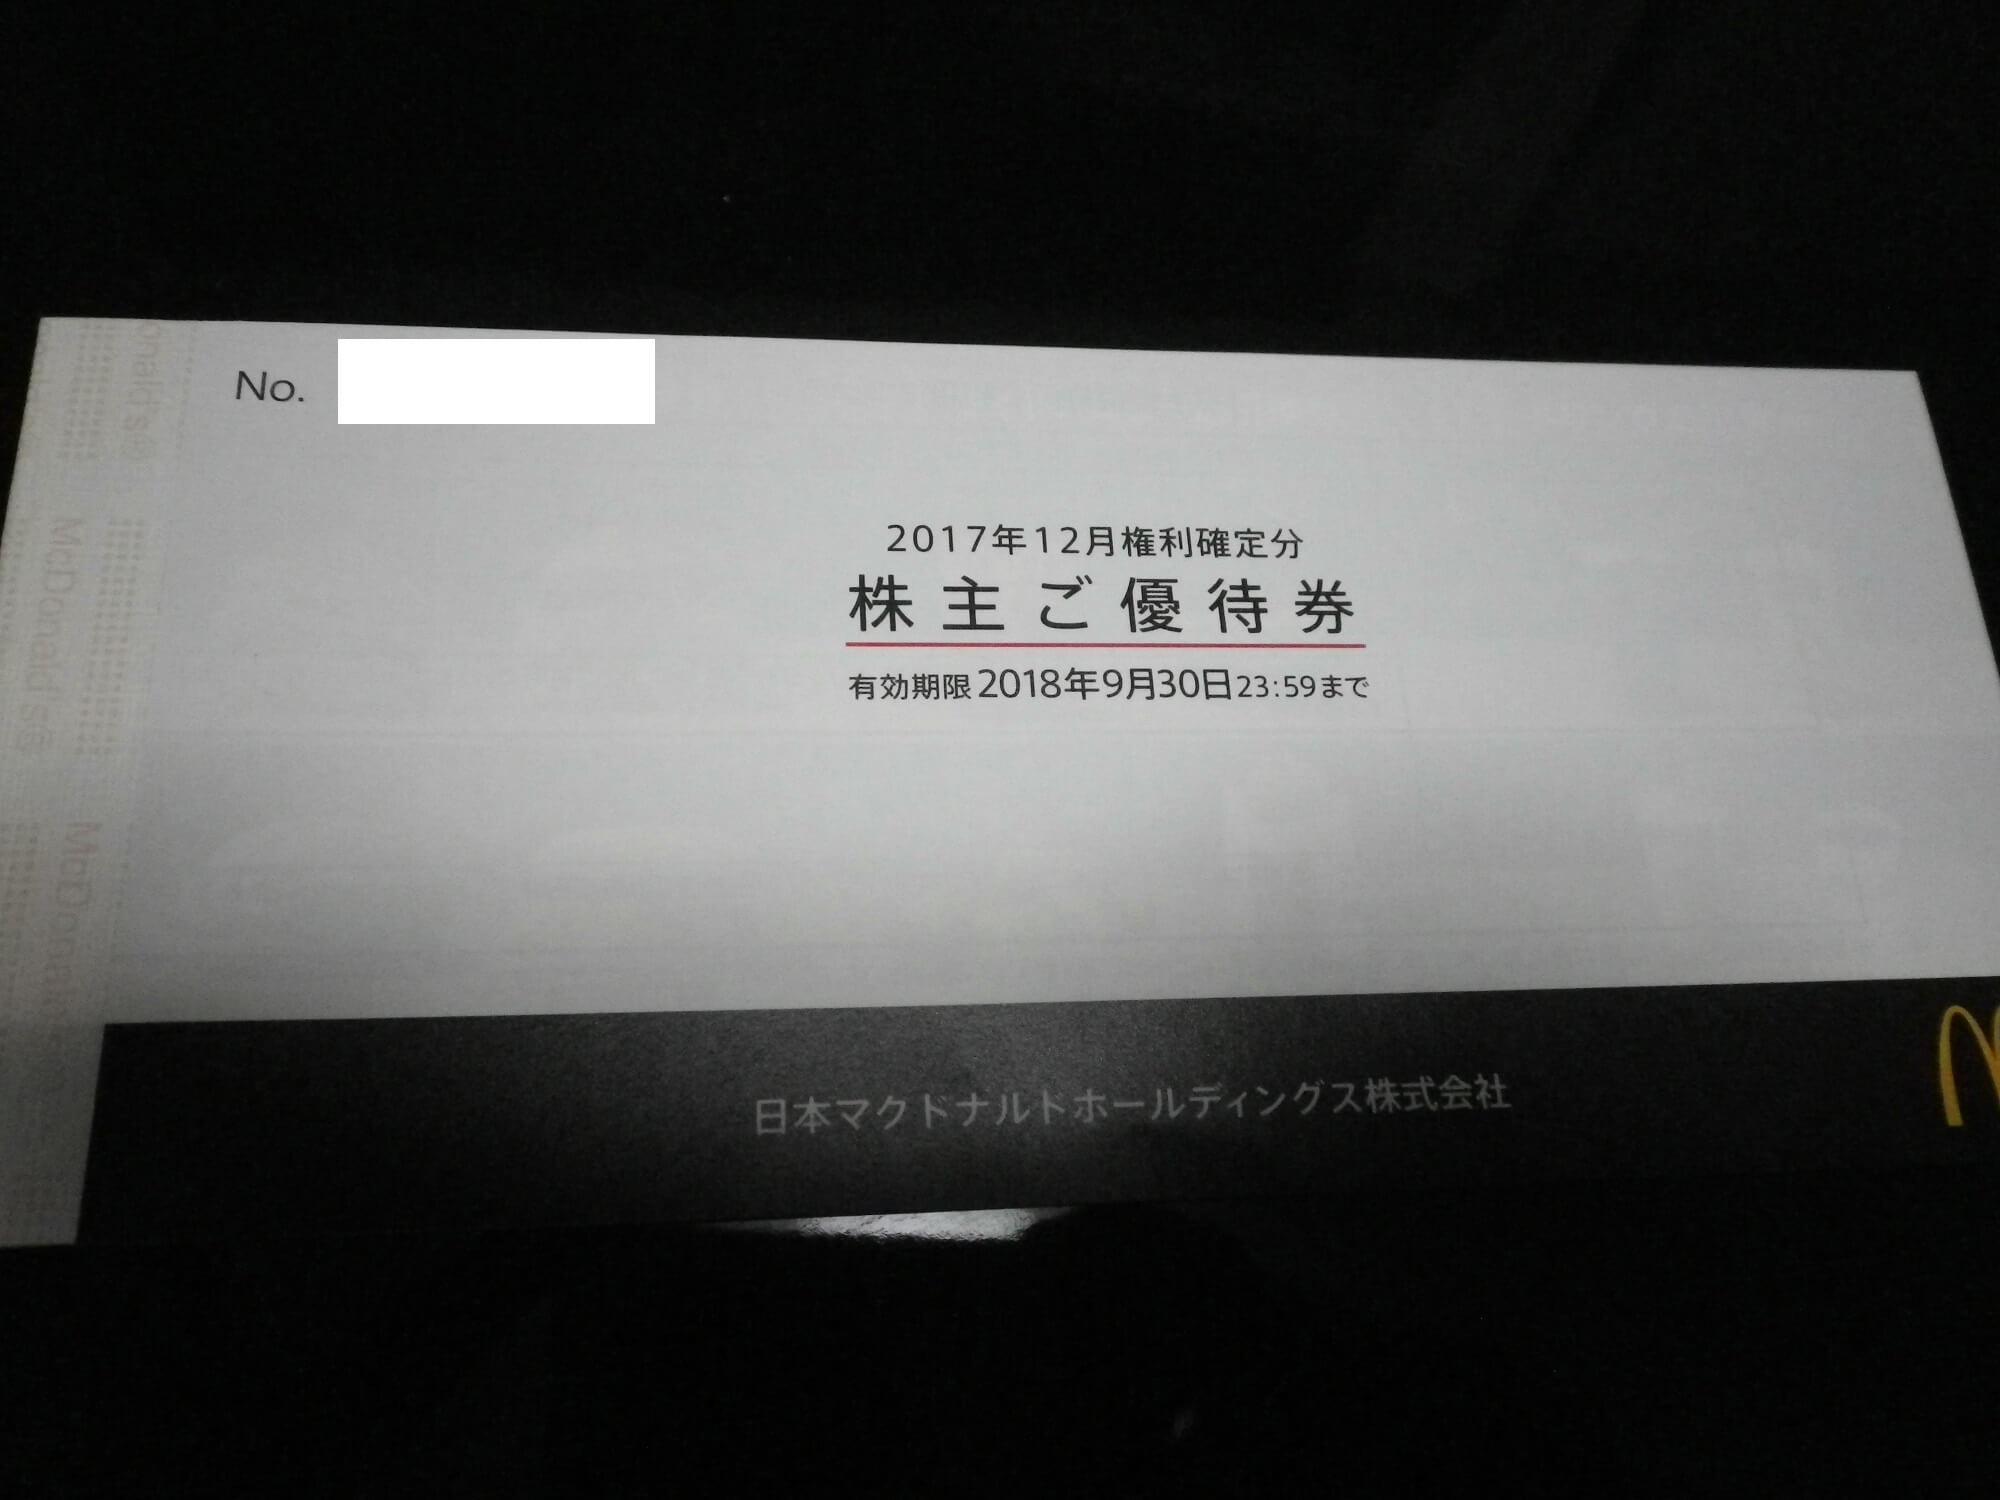 201712マクドナルド優待券表紙画像